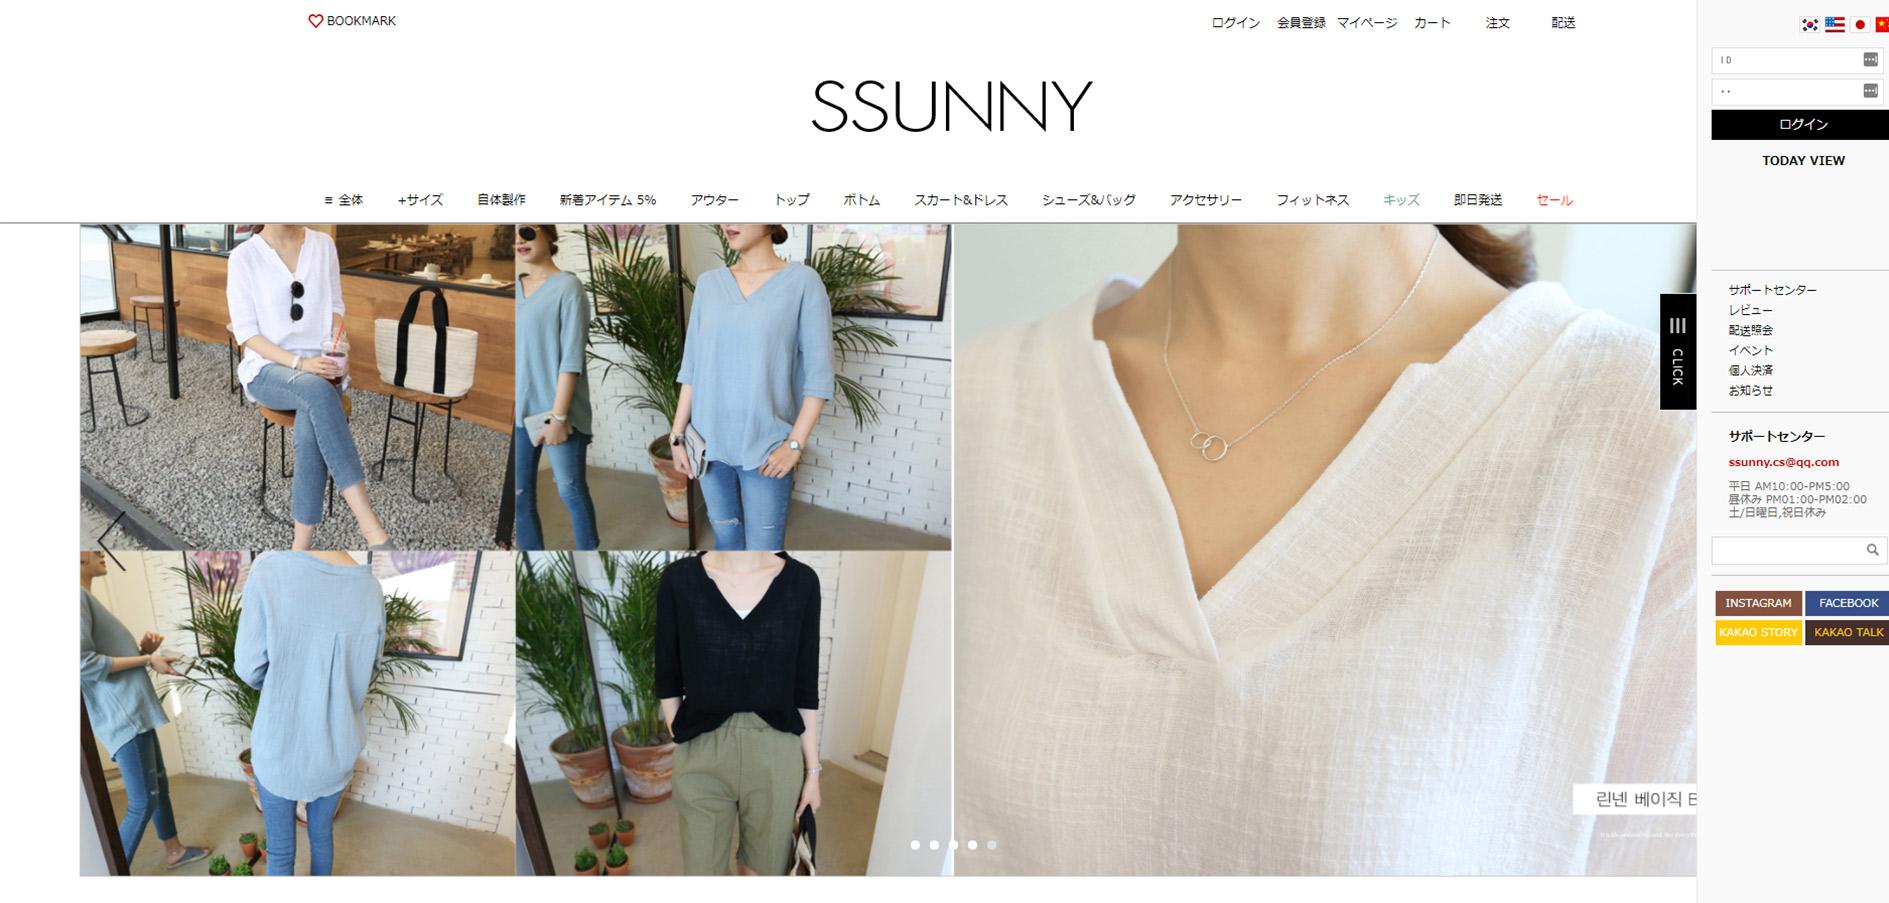 20代におすすめな韓国ファッション通販サイトのSSUNNY(サニー)